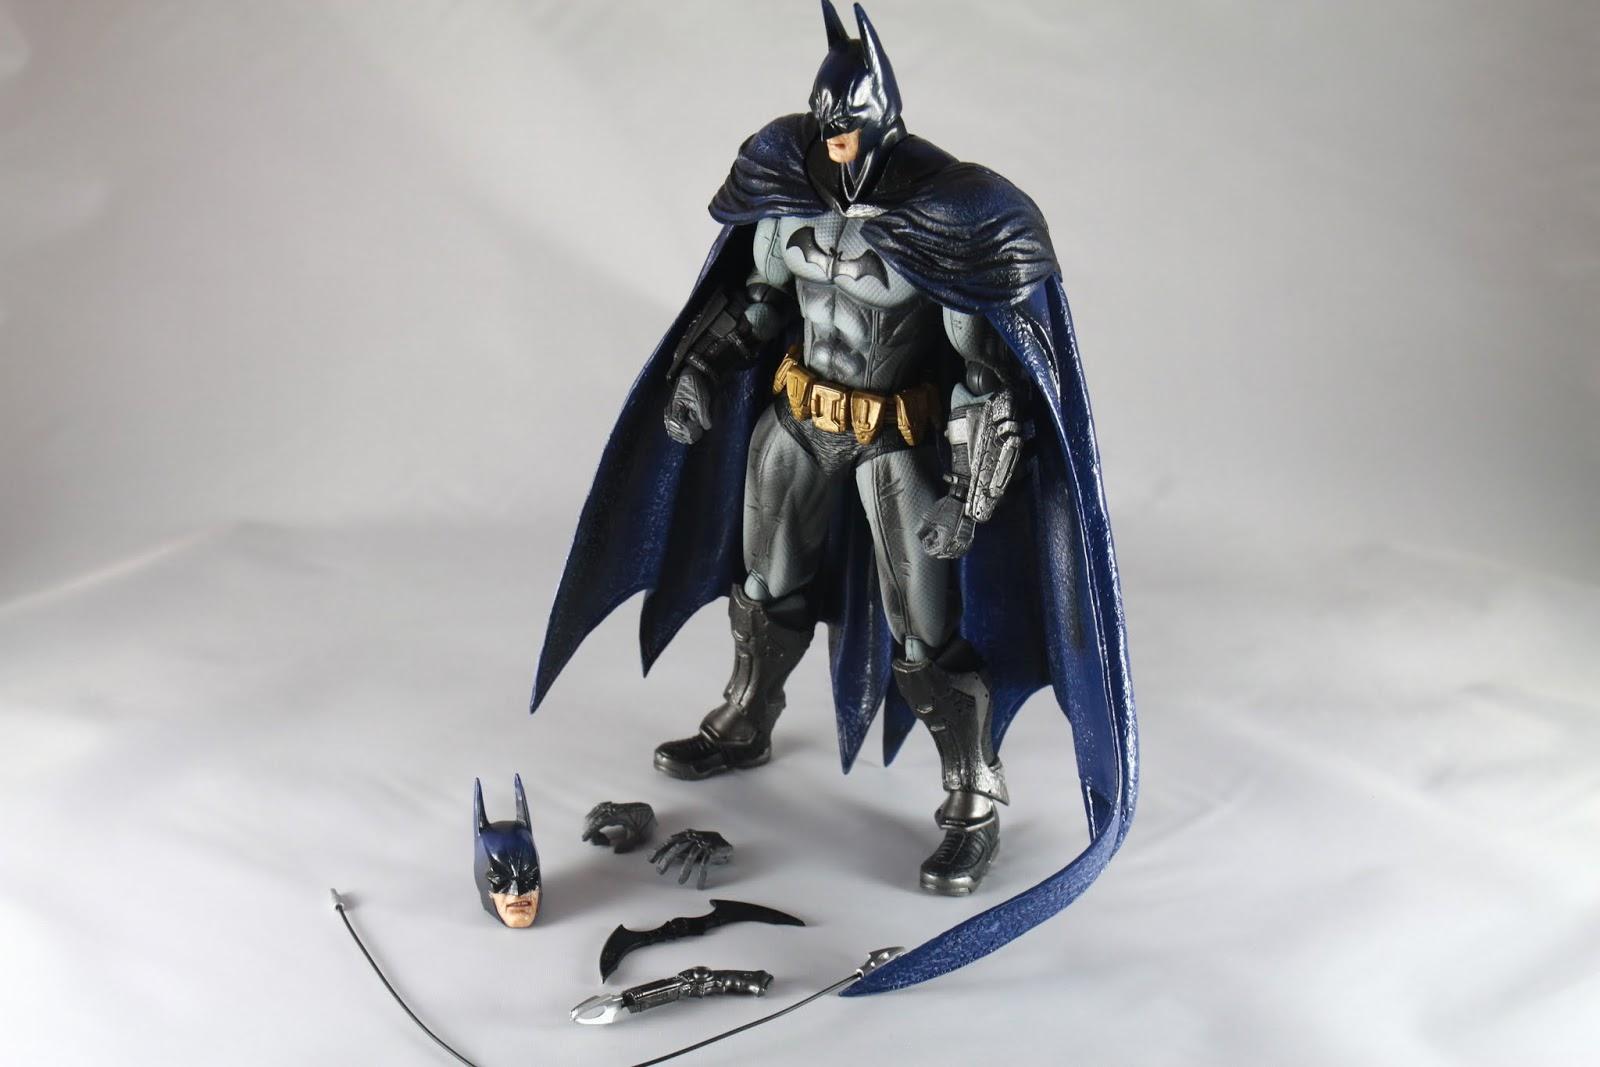 內容物 B哥一尊 咬牙切齒B哥頭一顆 替換用手首一對 蝙蝠標一個 拋繩槍一把 拋繩槍射出零件一個(條) 果然傳承這系列的傳統~非常少的配件